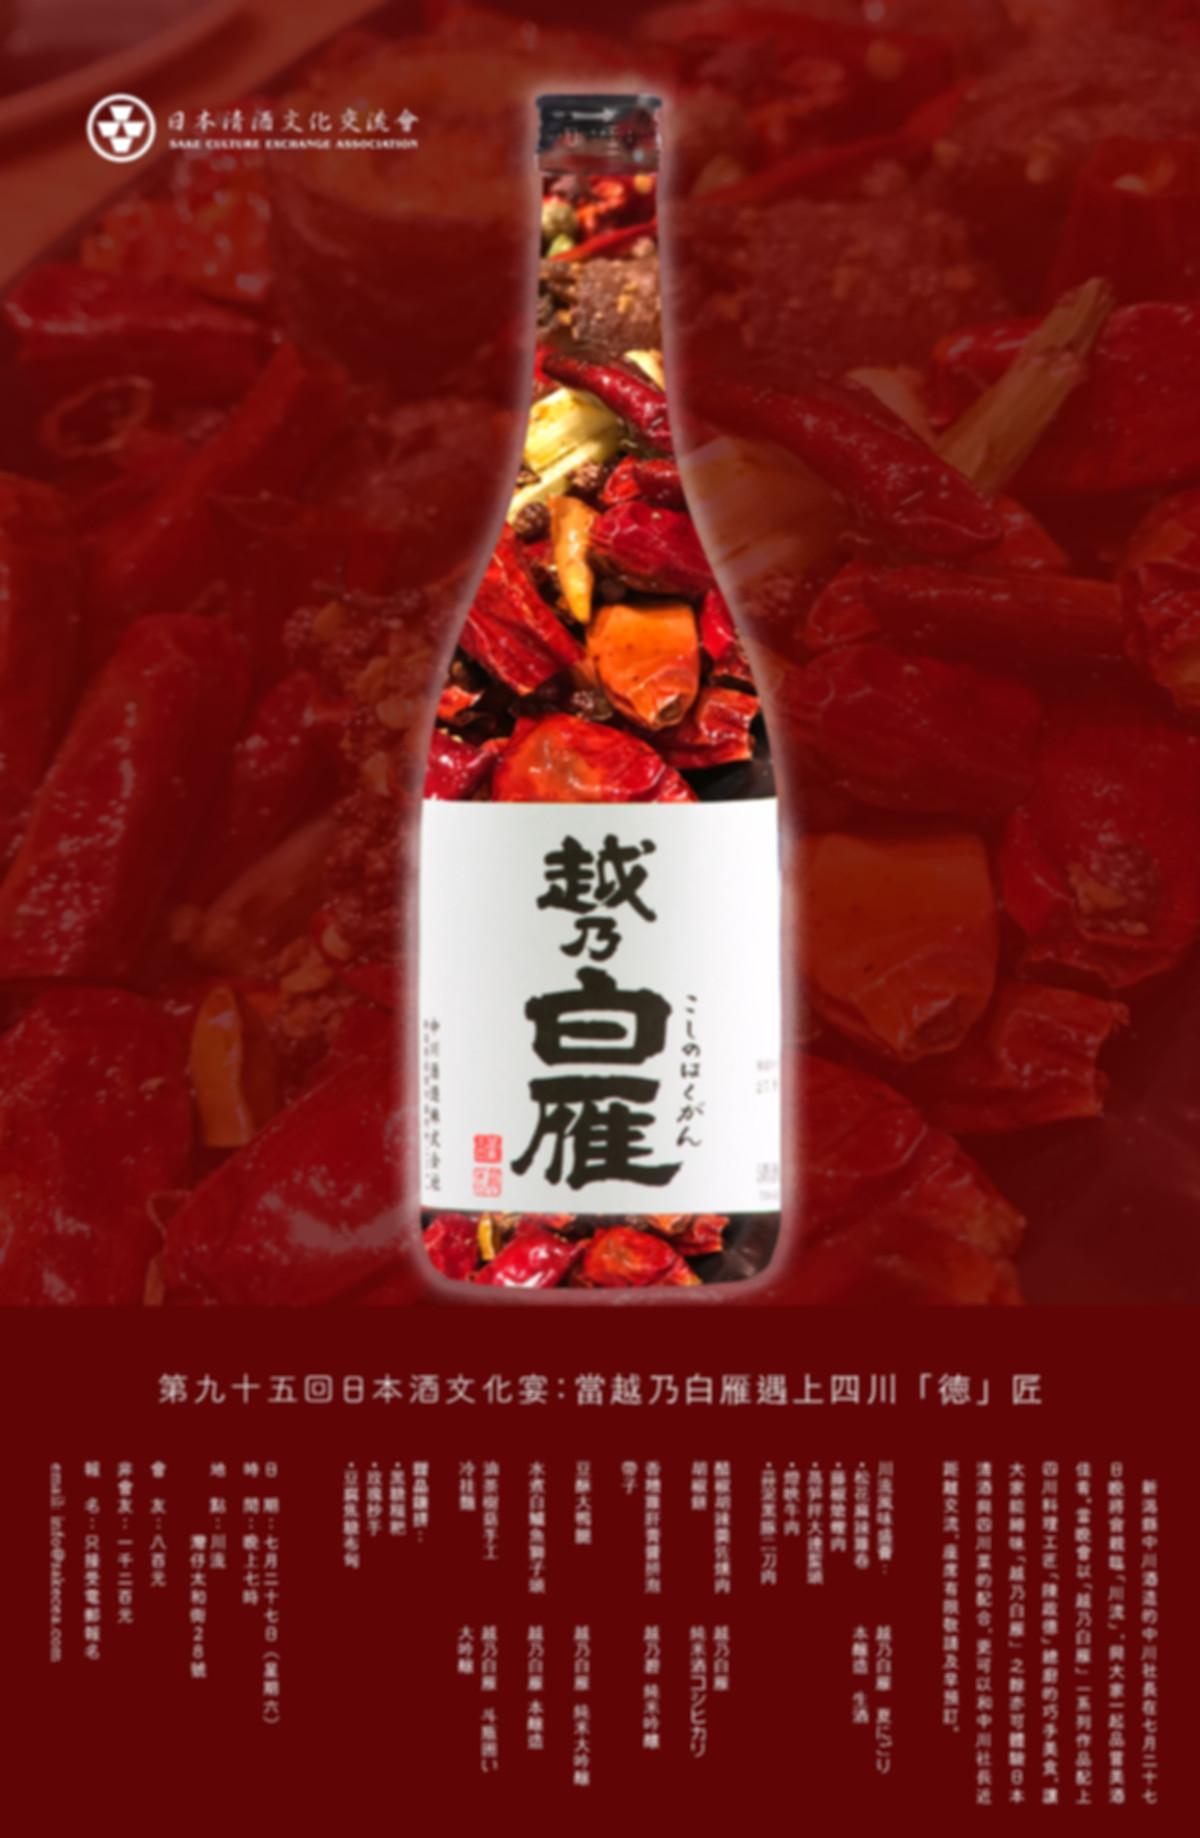 95th sake dinner.jpg